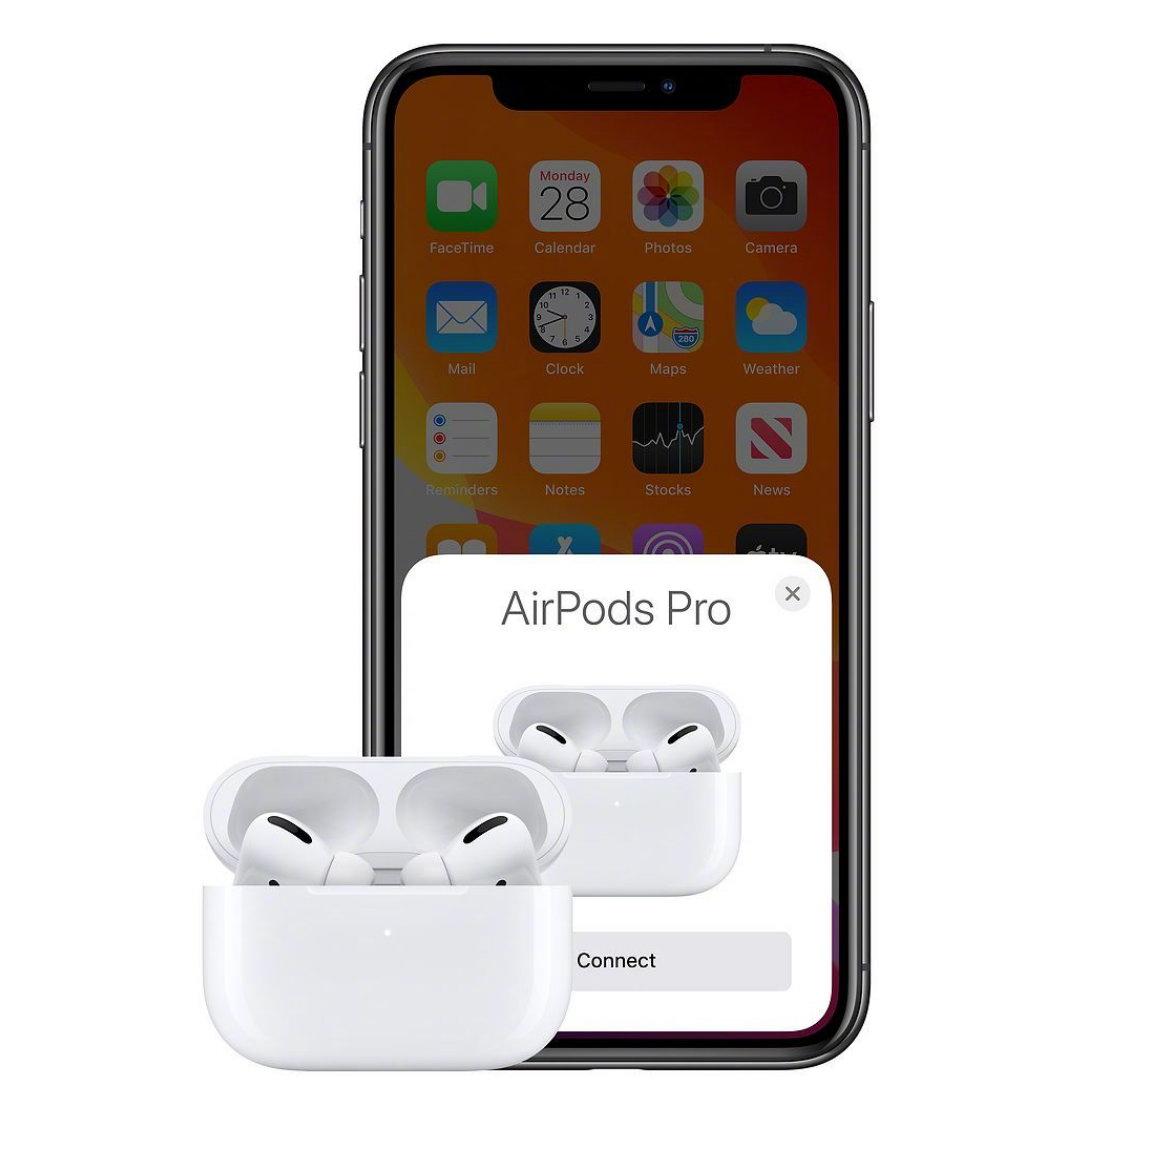 苹果正式发布AirPods Pro:售价1999元 支持降噪